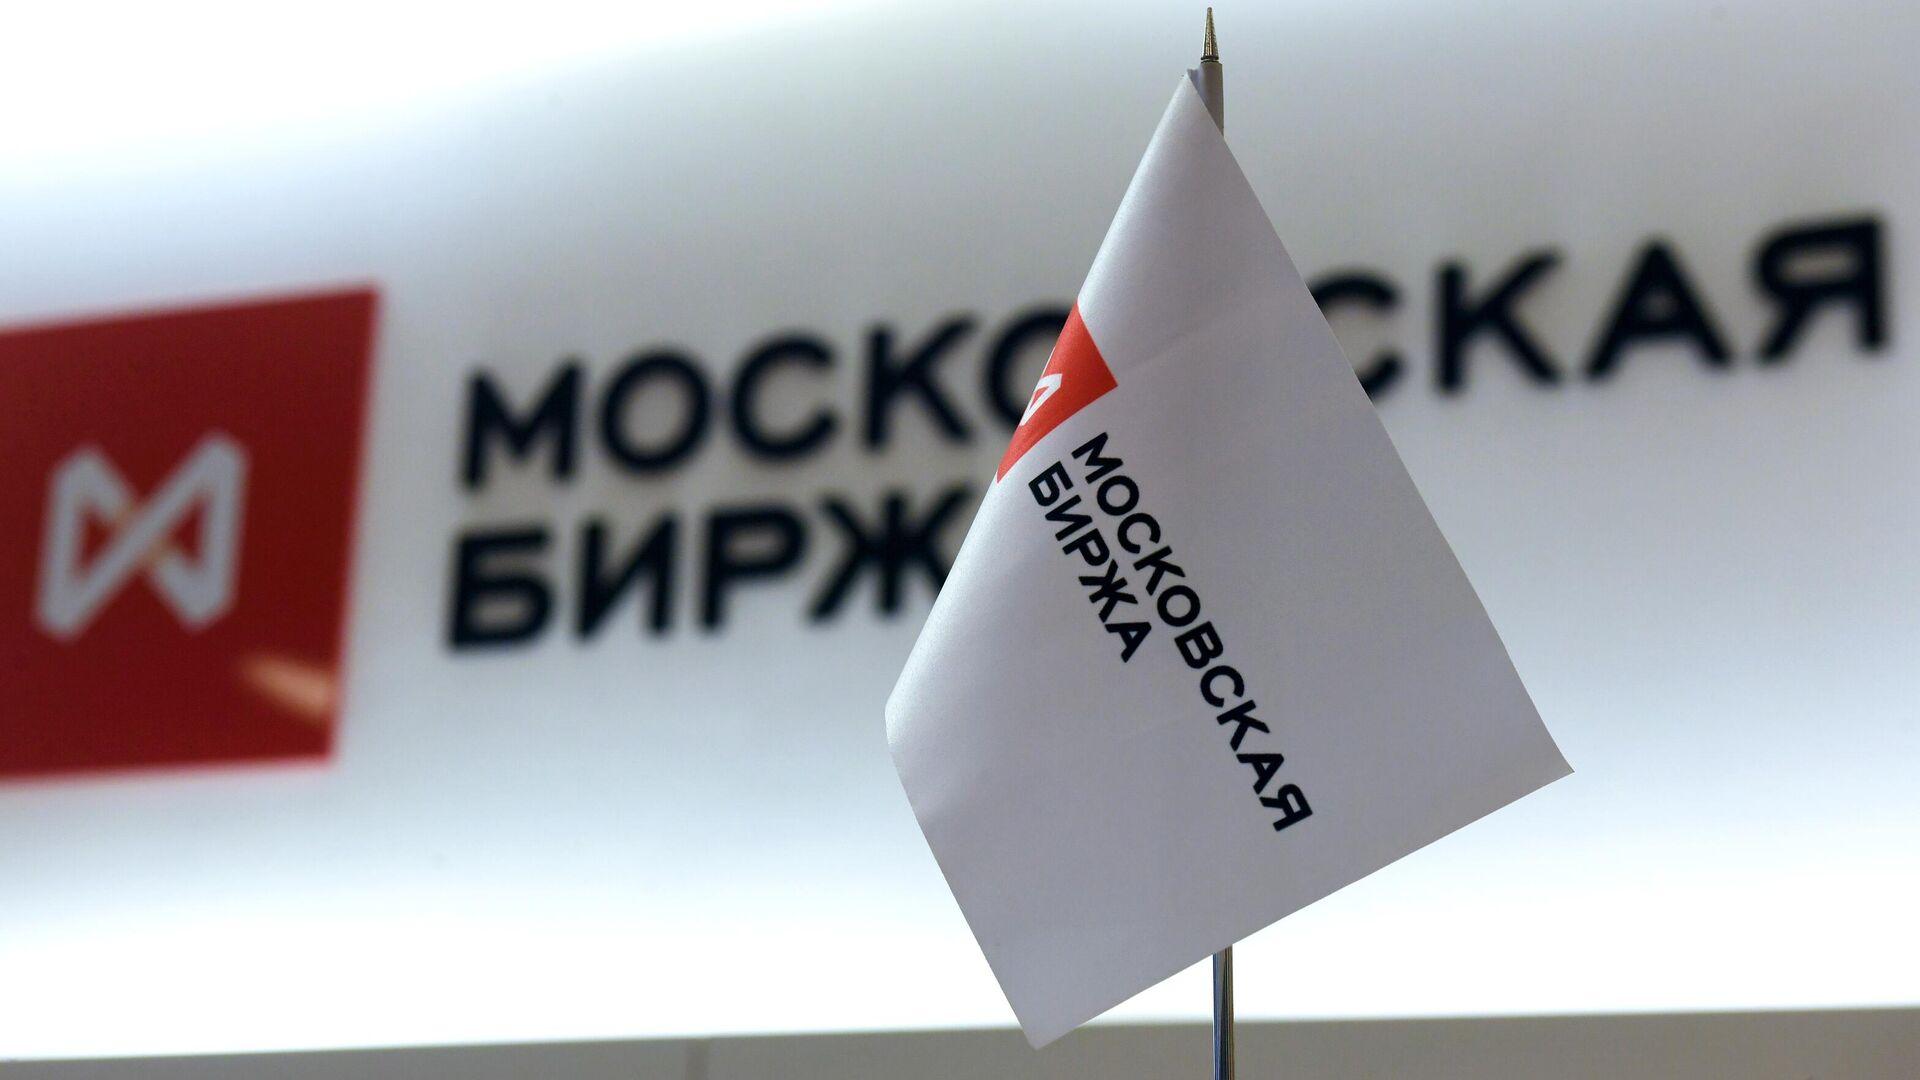 Московская биржа будет отклонять заявки на ОФЗ от клиентов из США